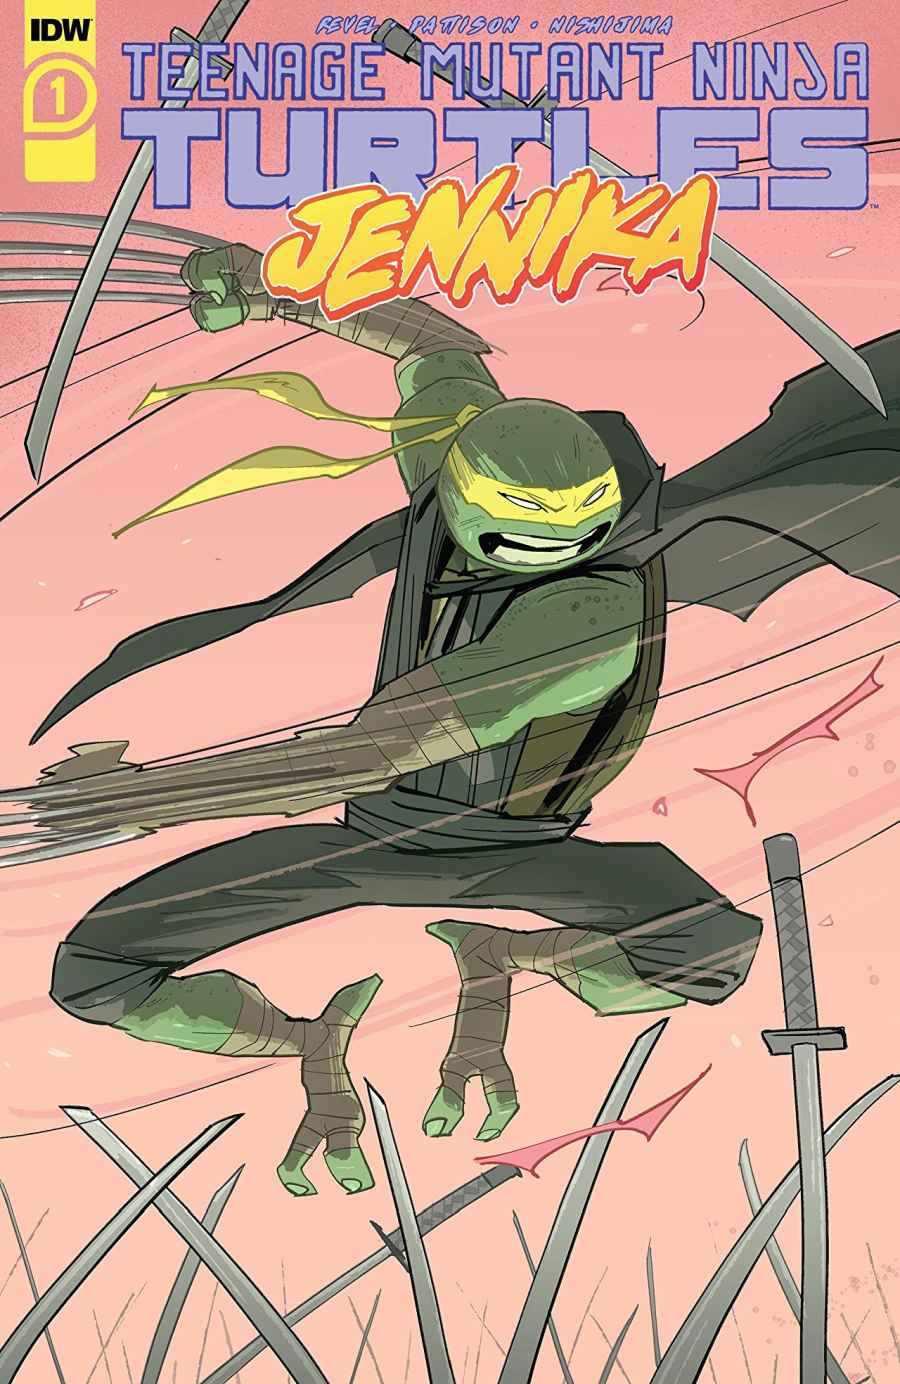 Teenage Mutant Ninja Turtles Jennika #1